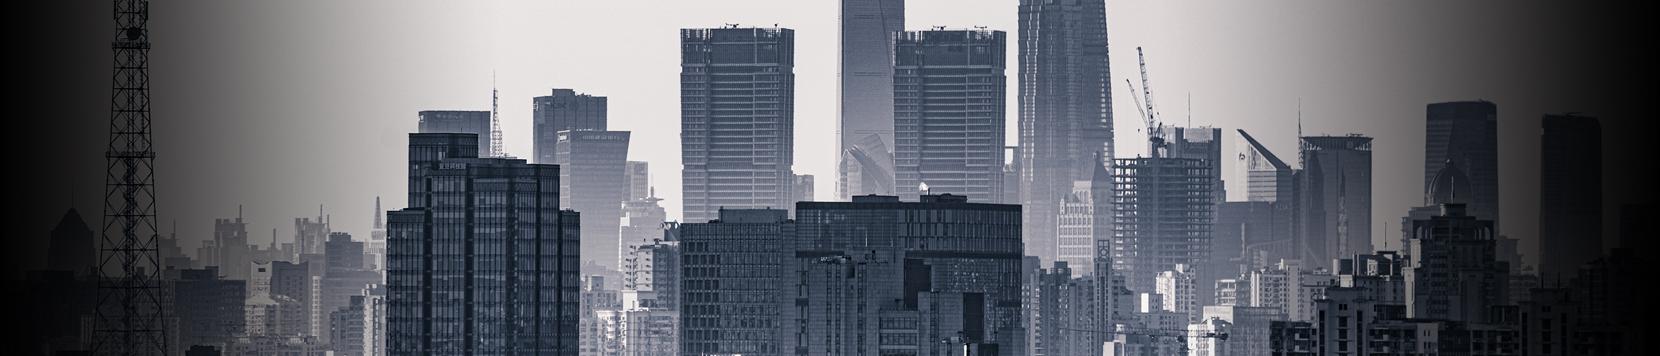 独家|阿里港股美股开盘双升8% 背后暗藏哪些资本玄机?